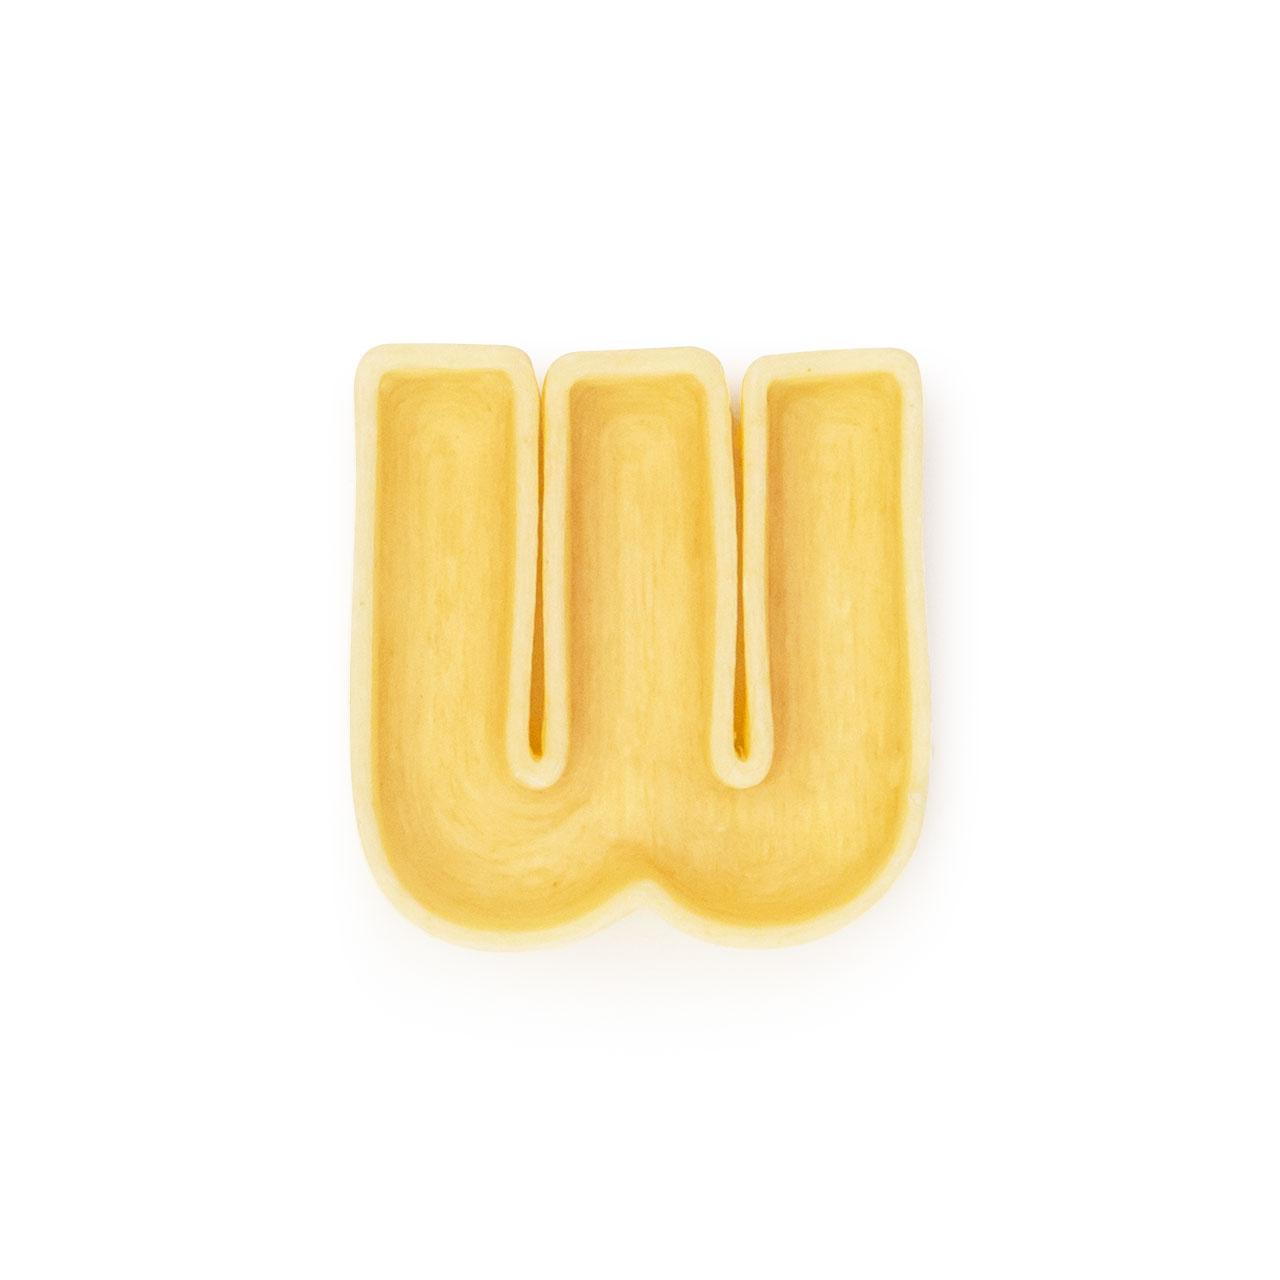 La lettera W di pasta